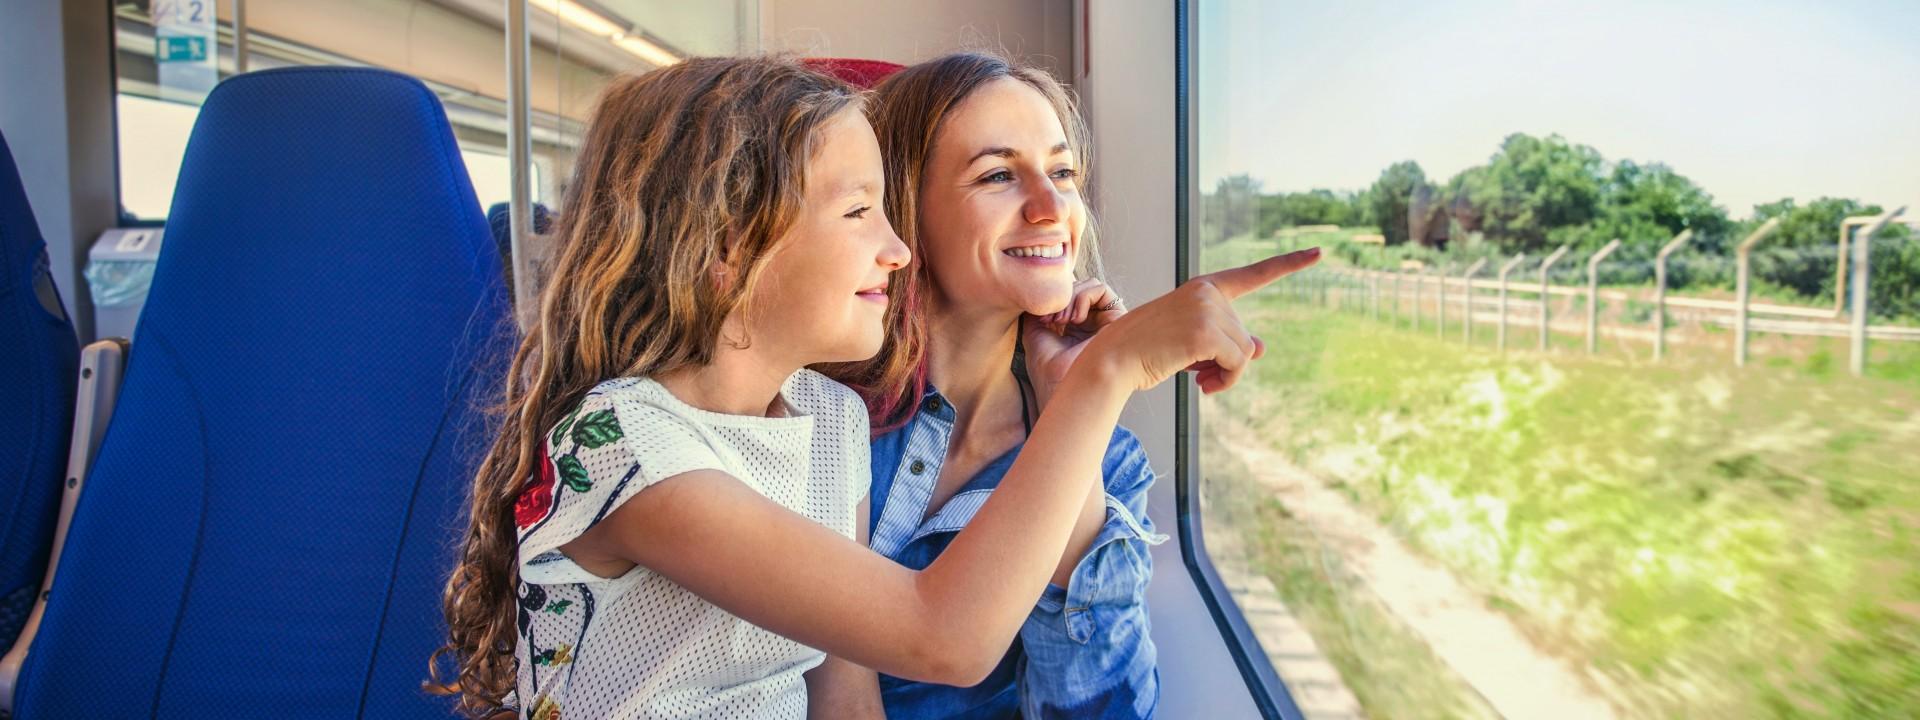 Mutter und Tochter sitzen zusammen im Zug und schauen lächelnd aus dem Fenster.